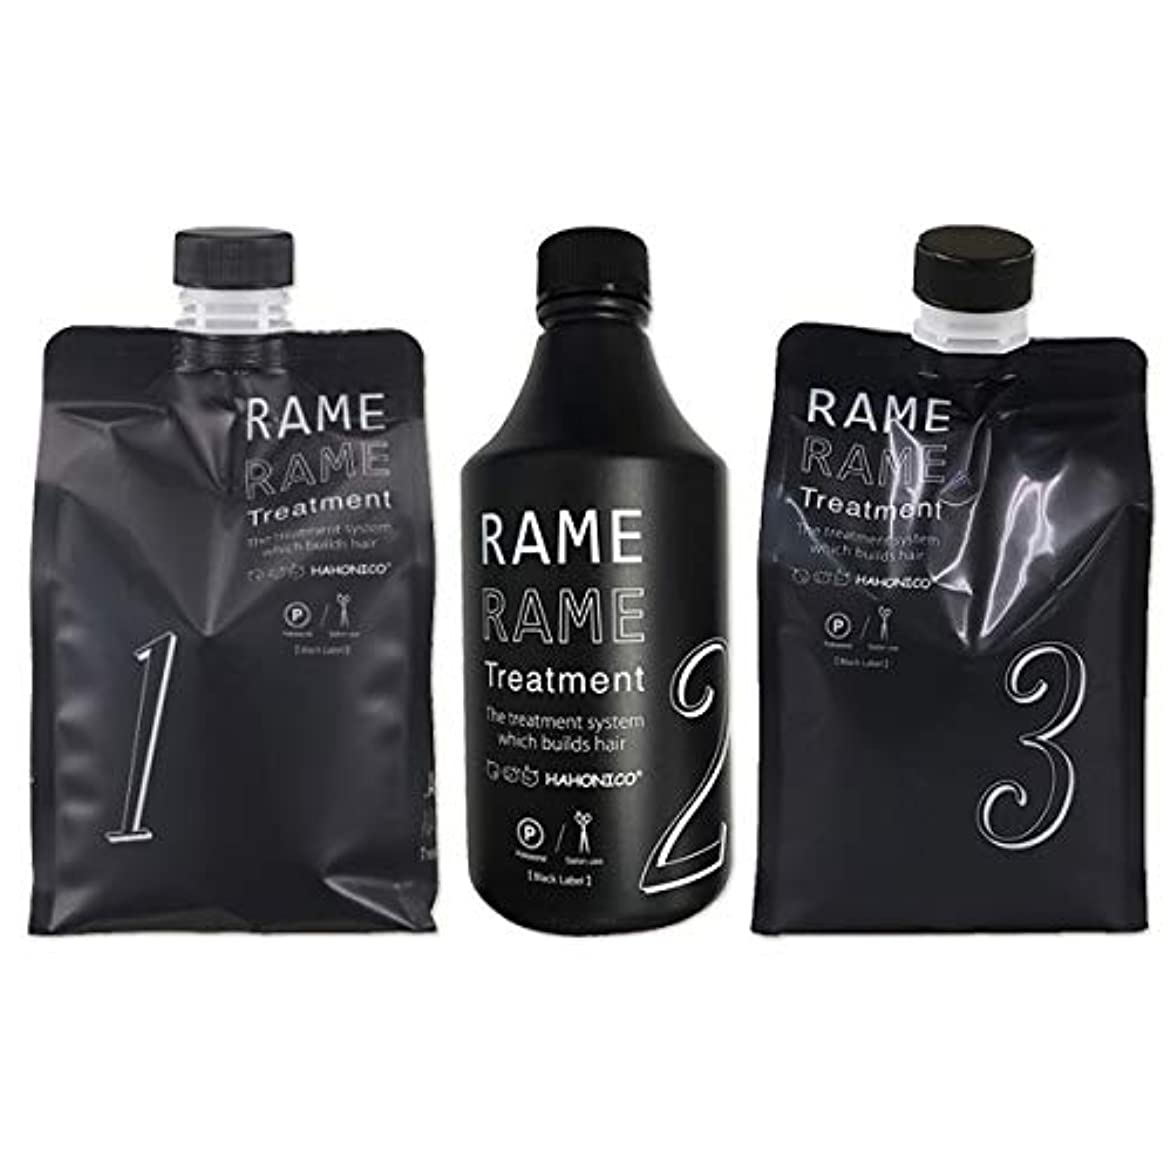 ハホニコ ザラメラメ ブラックレーベル No.1 1000g + No.2 ガンマー 500mL + No3. 1000g セット